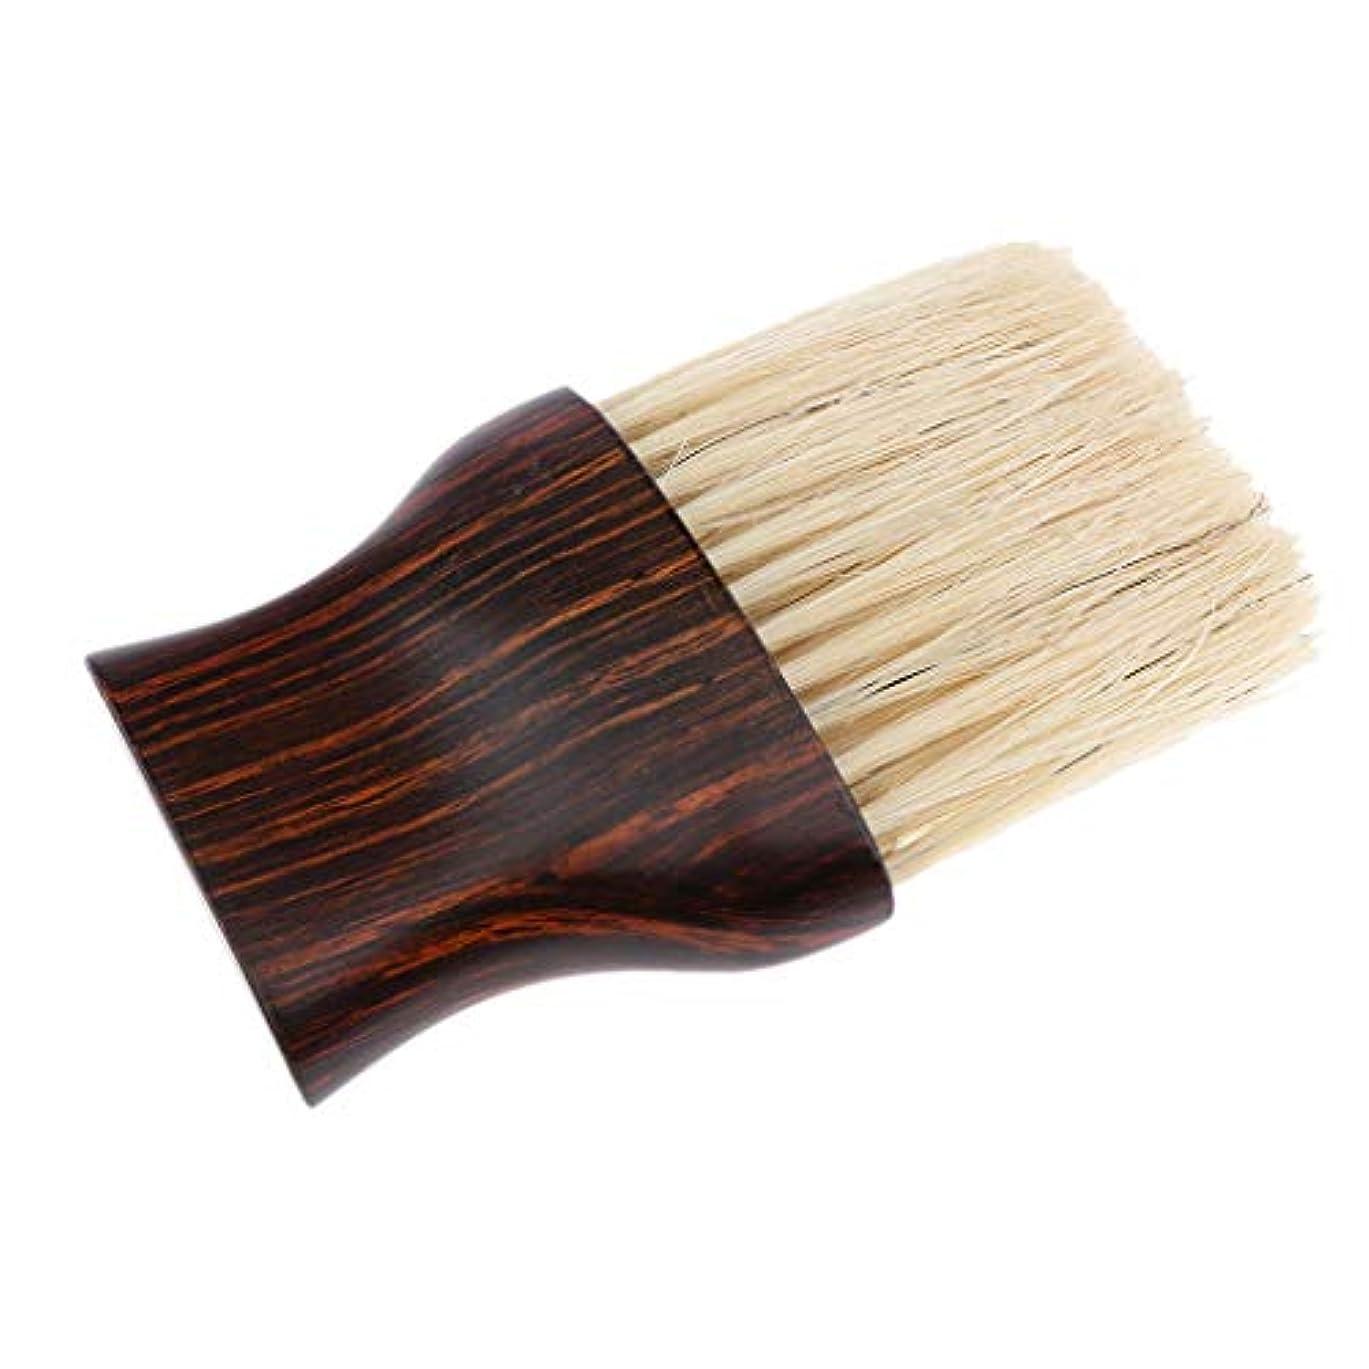 不正直換気する最後のネックダスターブラシ ヘアカットブラシ クリーニング ヘアブラシ 理髪美容ツール